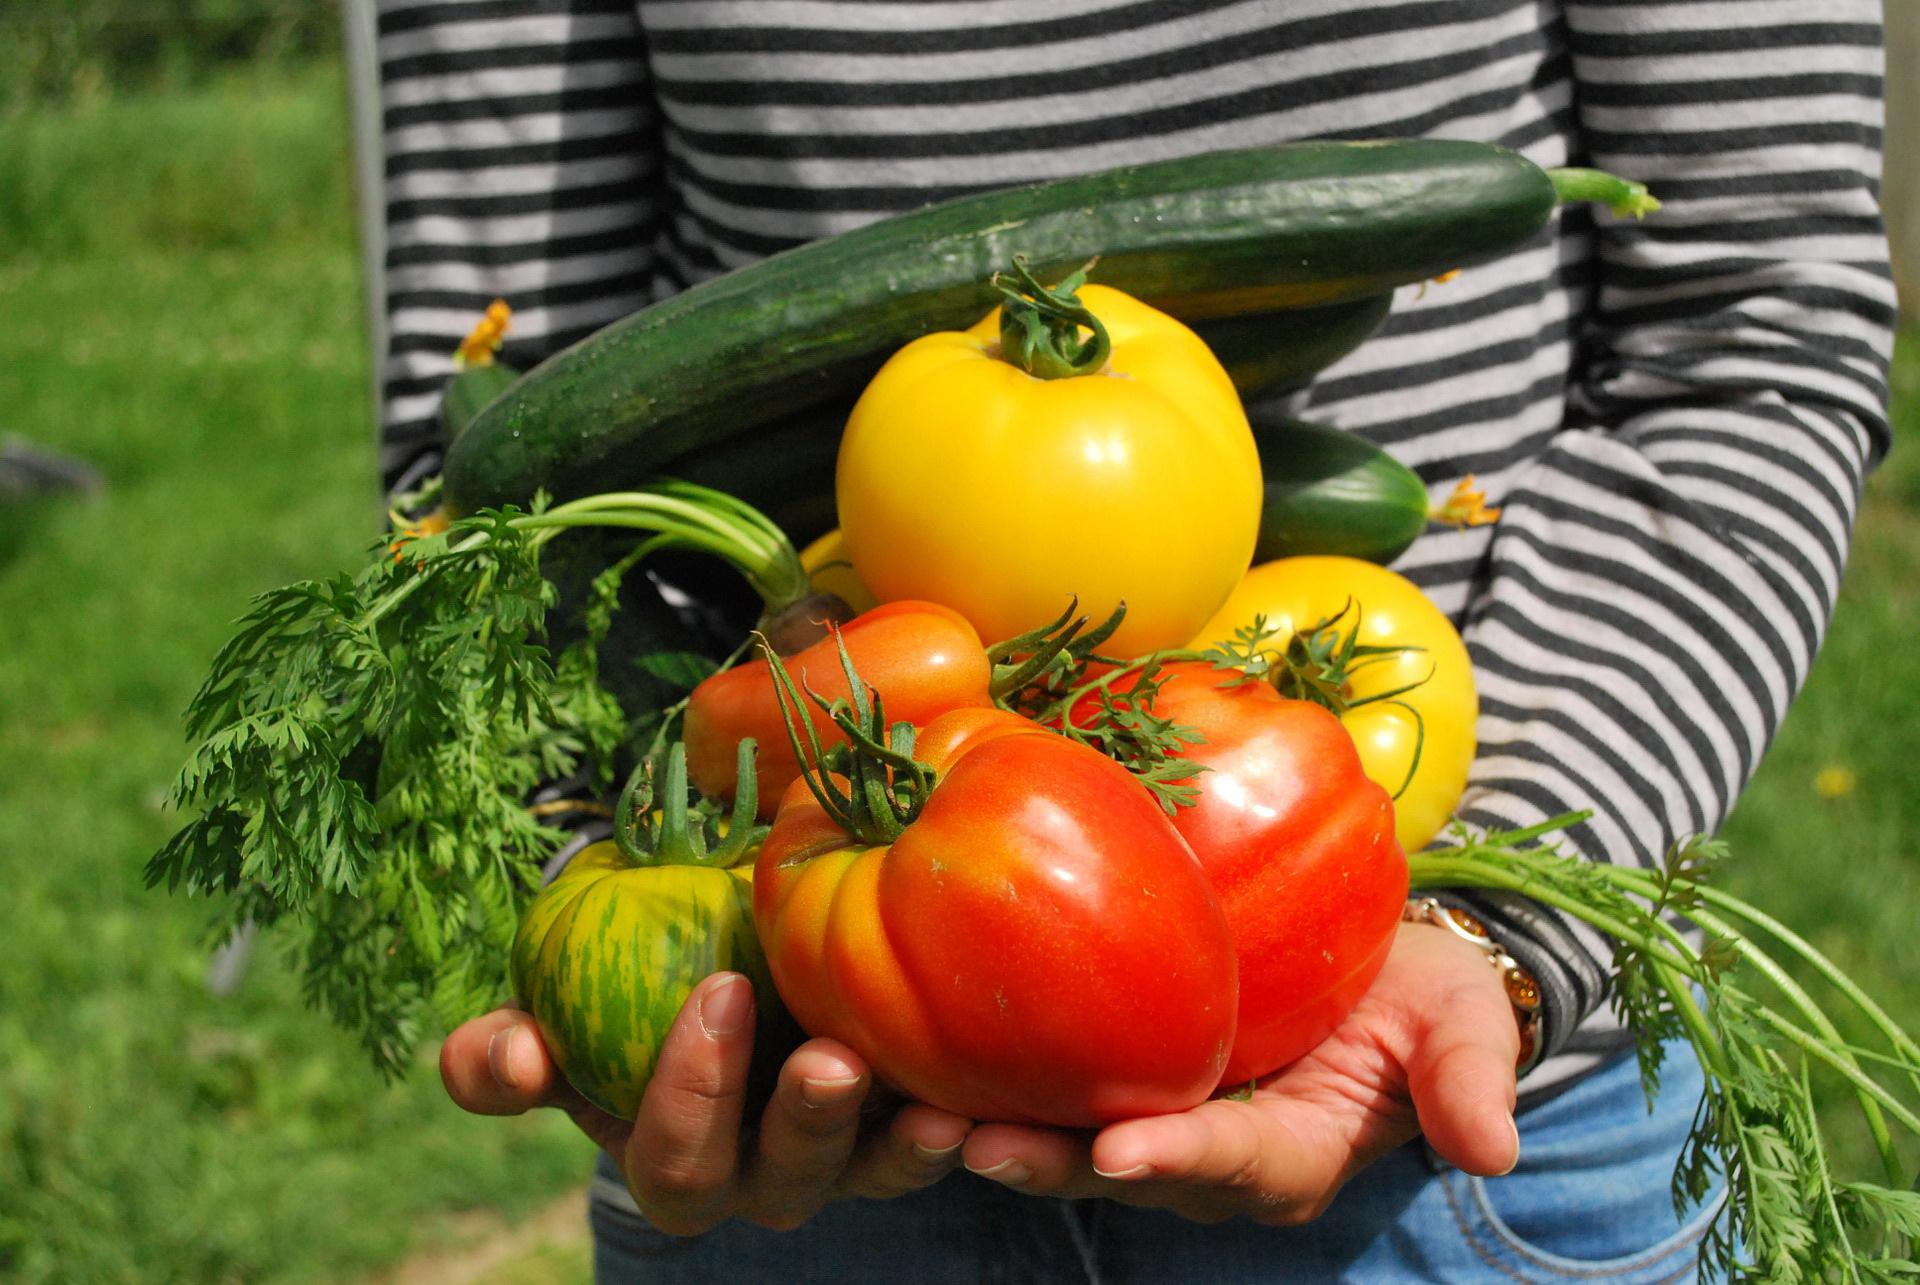 Zagadki o zawodach z odpowiedziami ogrodnik